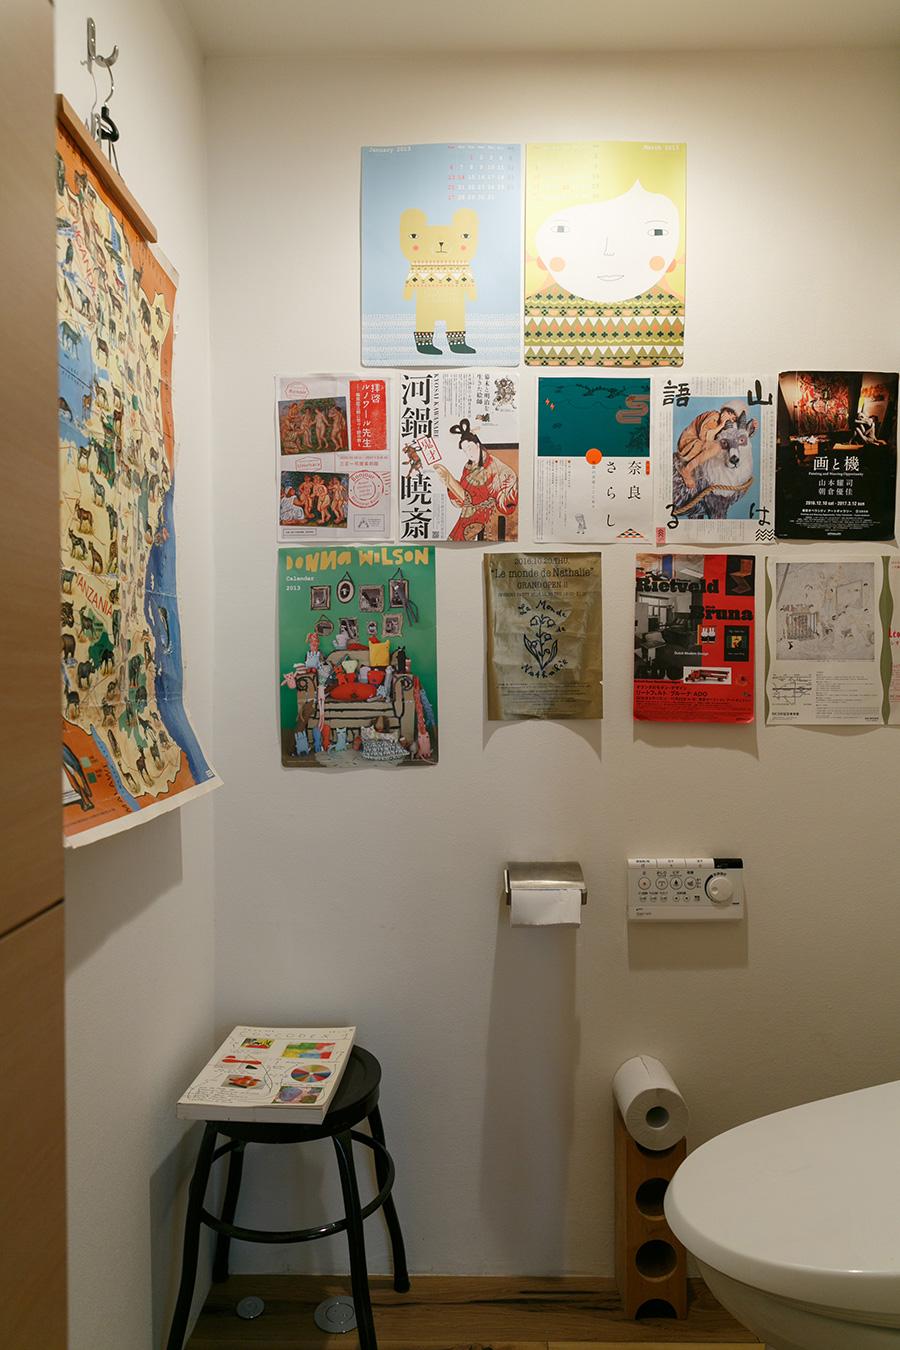 トイレの壁面にはポスターなどを張ってポップな雰囲気に。